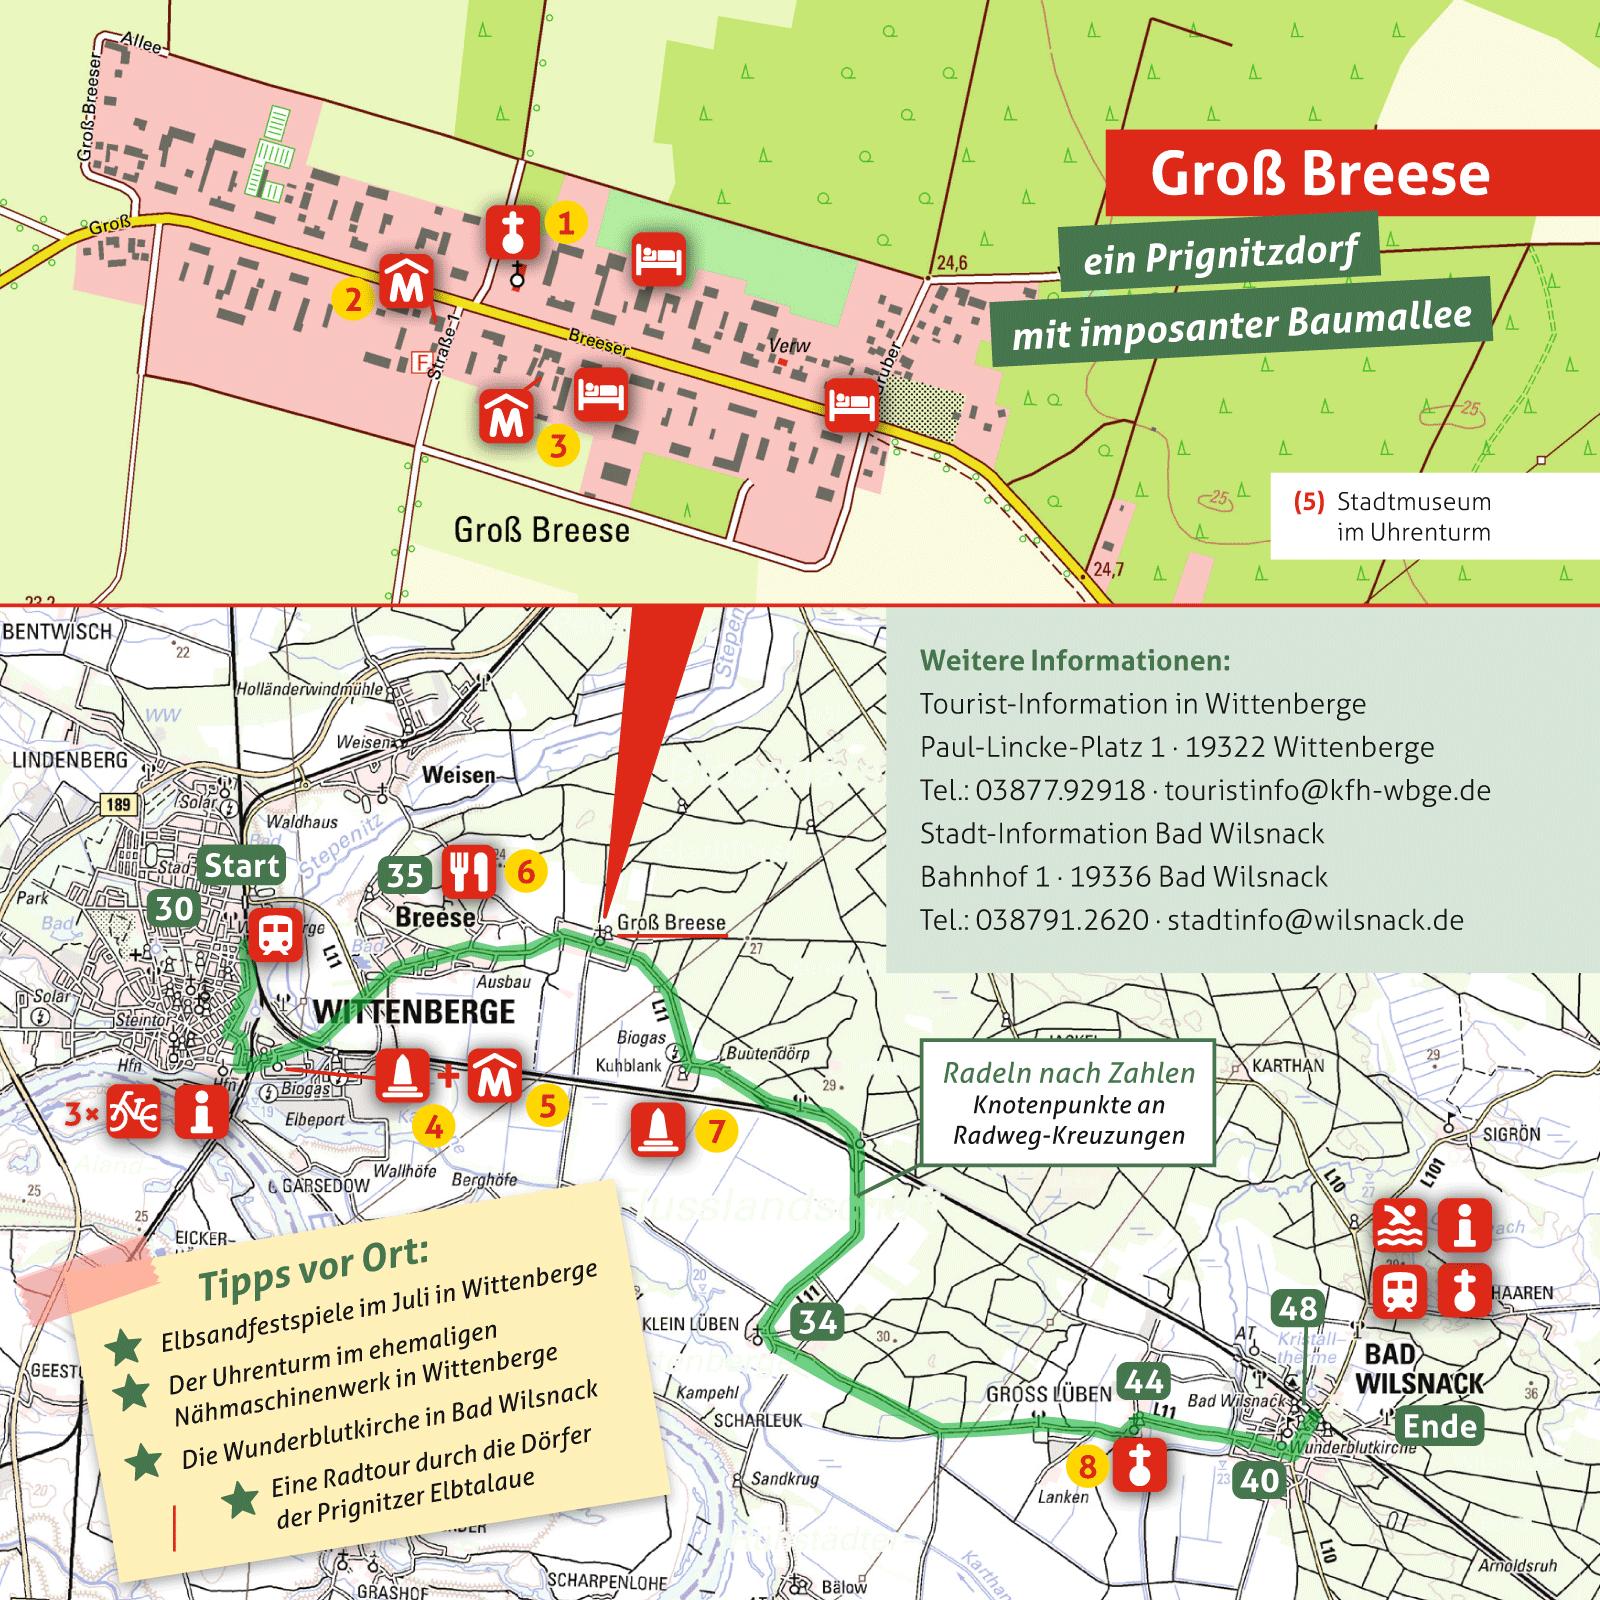 Ausflugskarte für Groß Breese